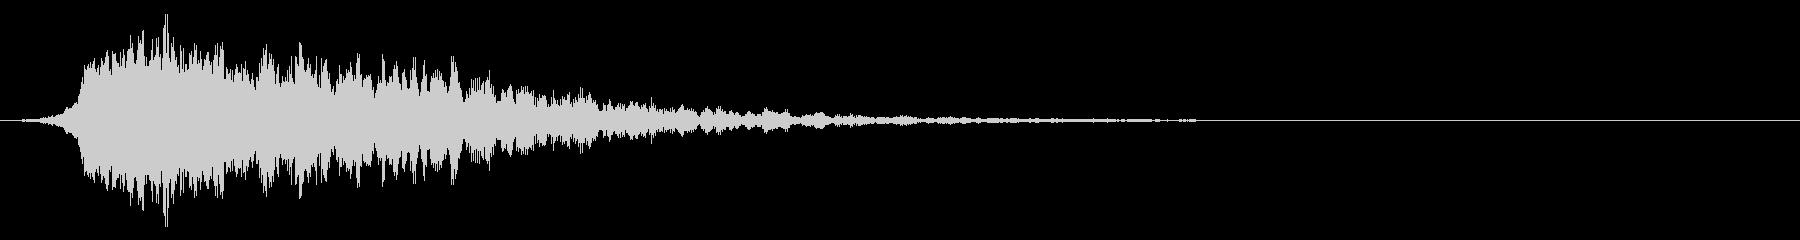 シャキーン(闇や毒などの属性魔法)3vの未再生の波形